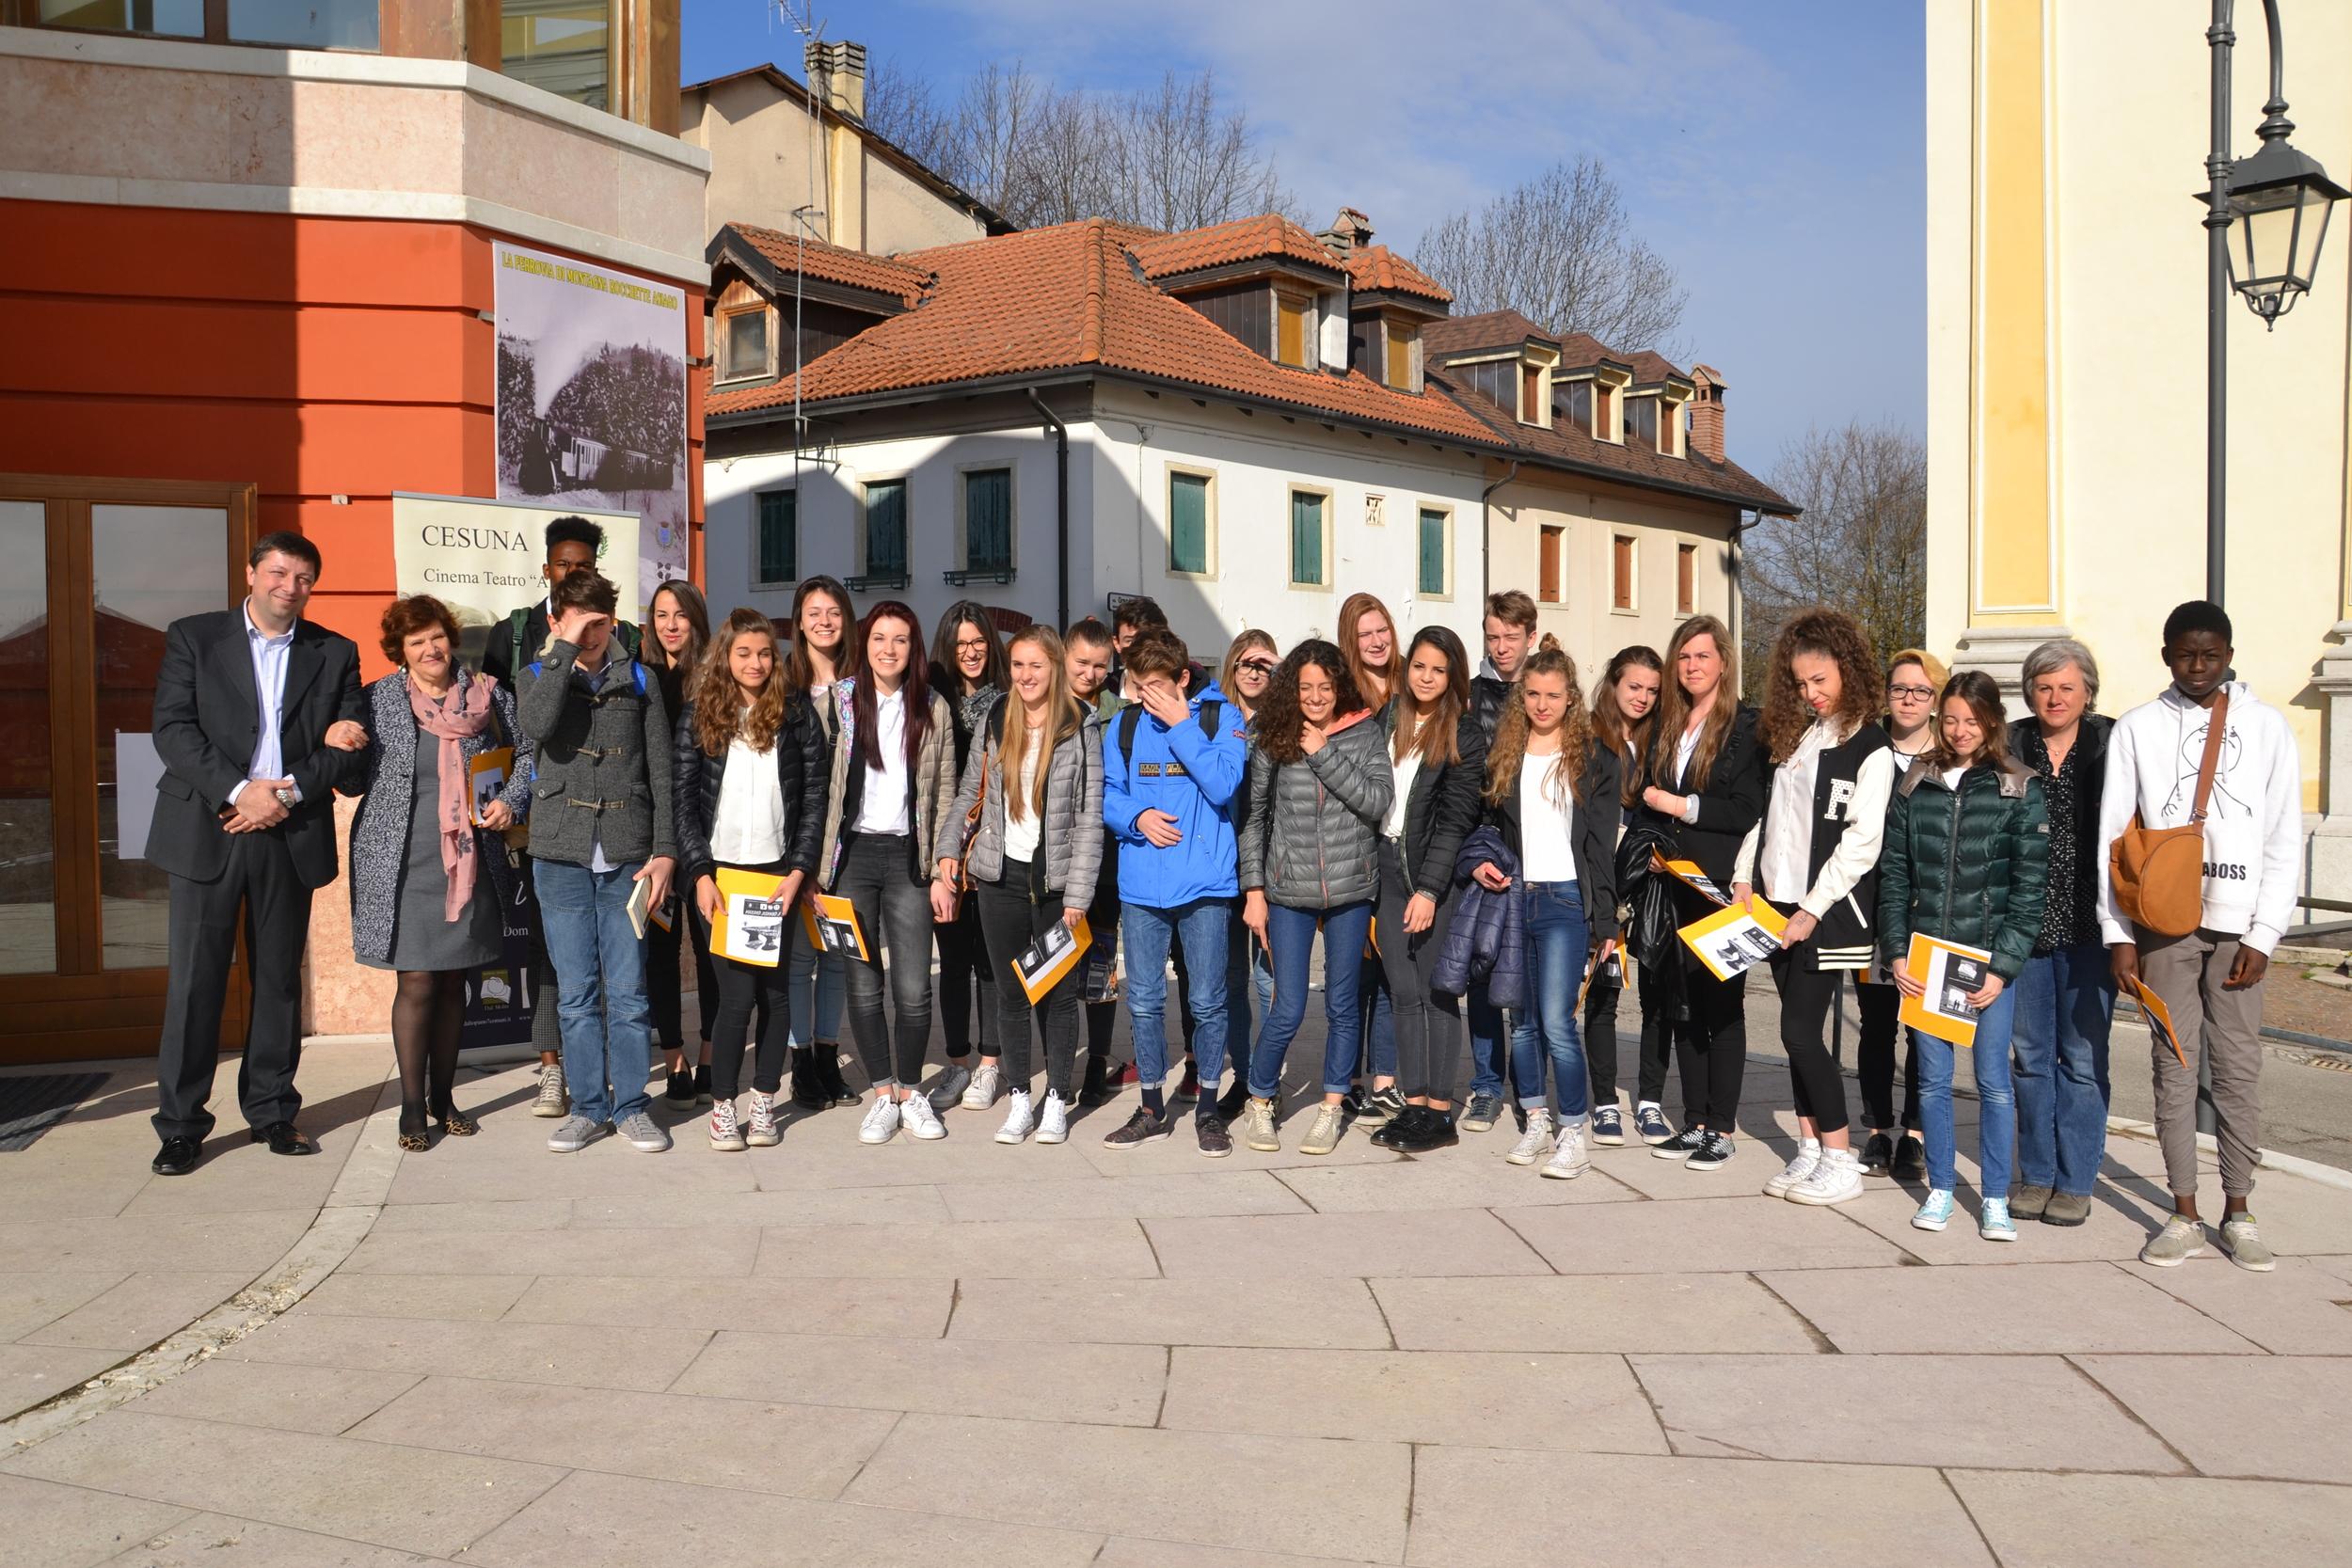 Convegno Letteratura e Grande Guerra - Altopiano di Asiago, Cesuna (VI)